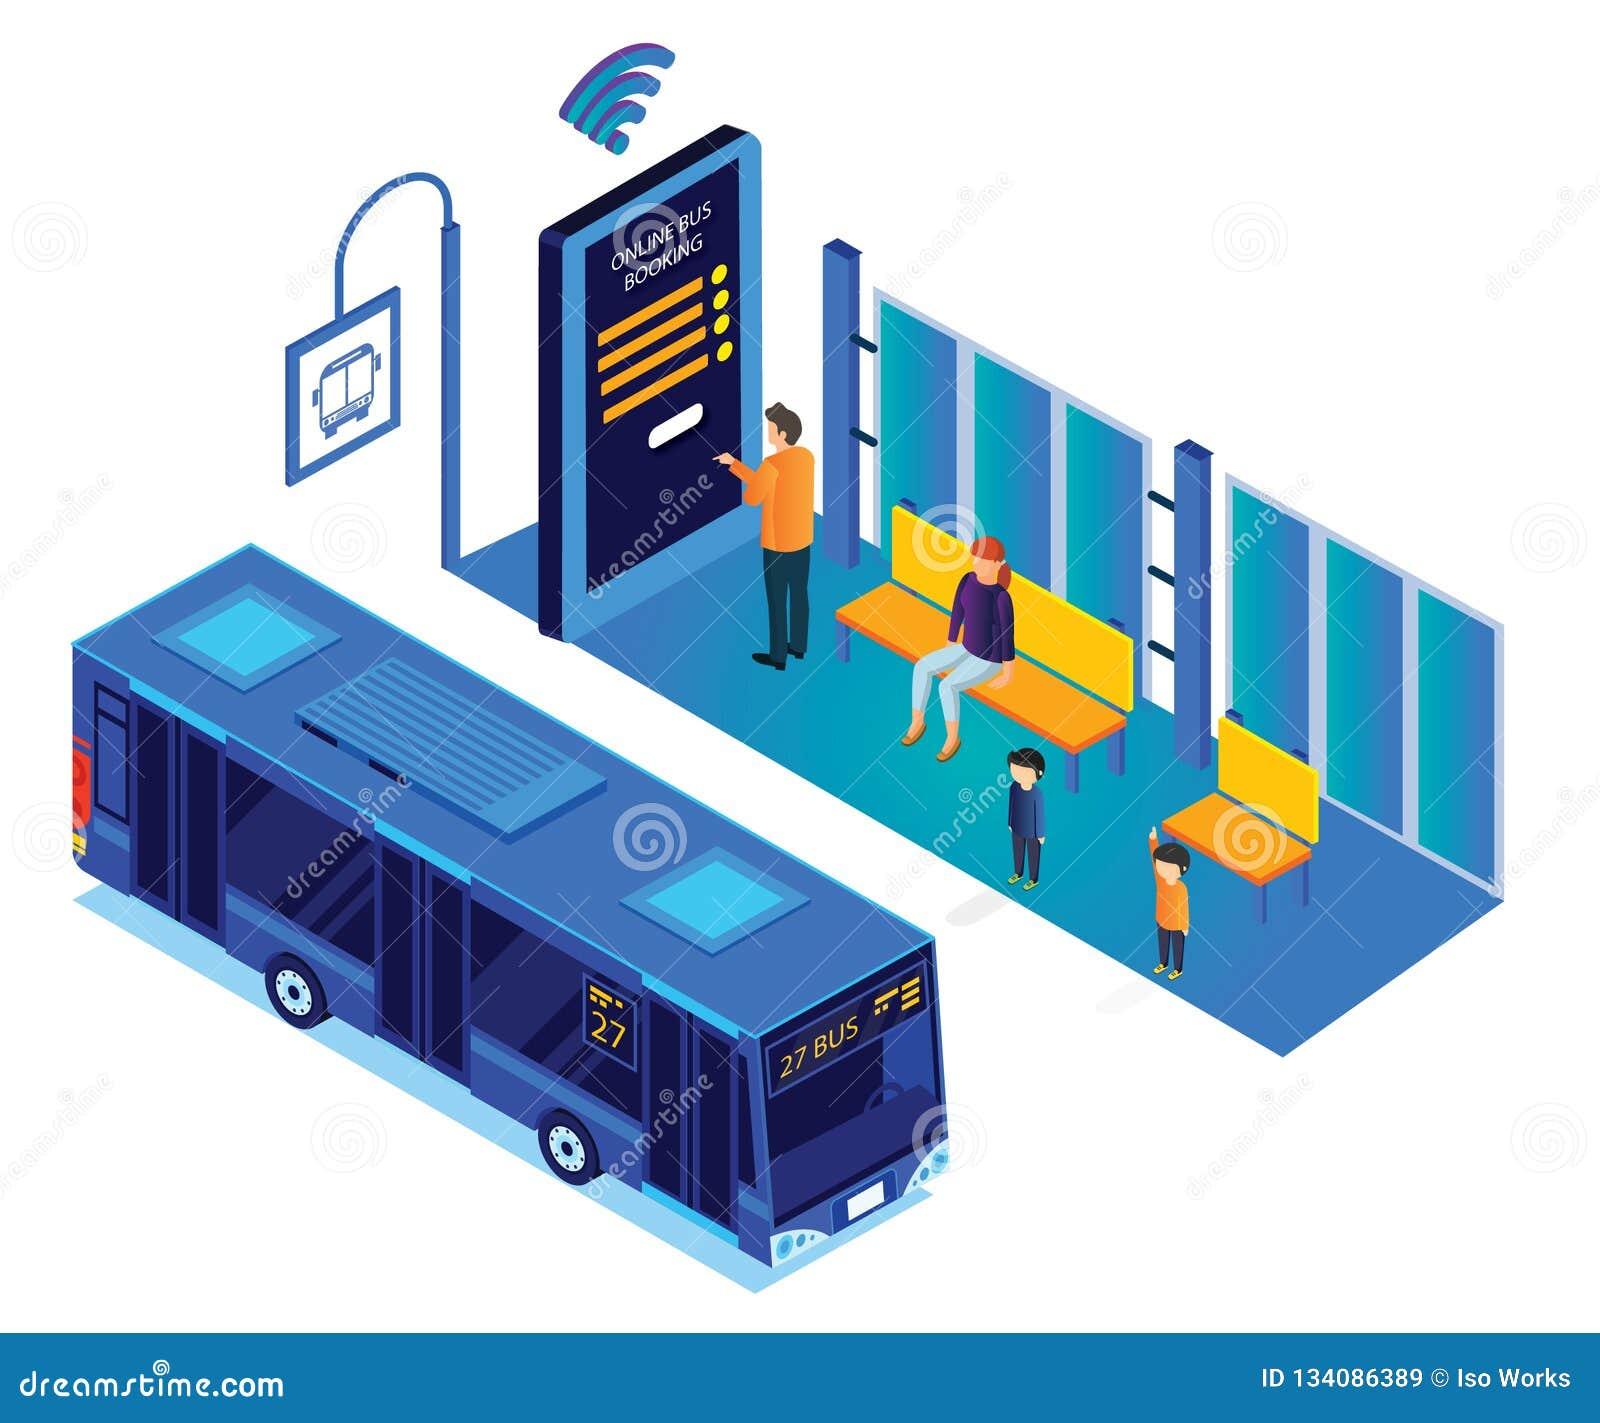 Väntande på buss för folk, medan personen bokar det online-isometriska konstverket för bussbiljetter